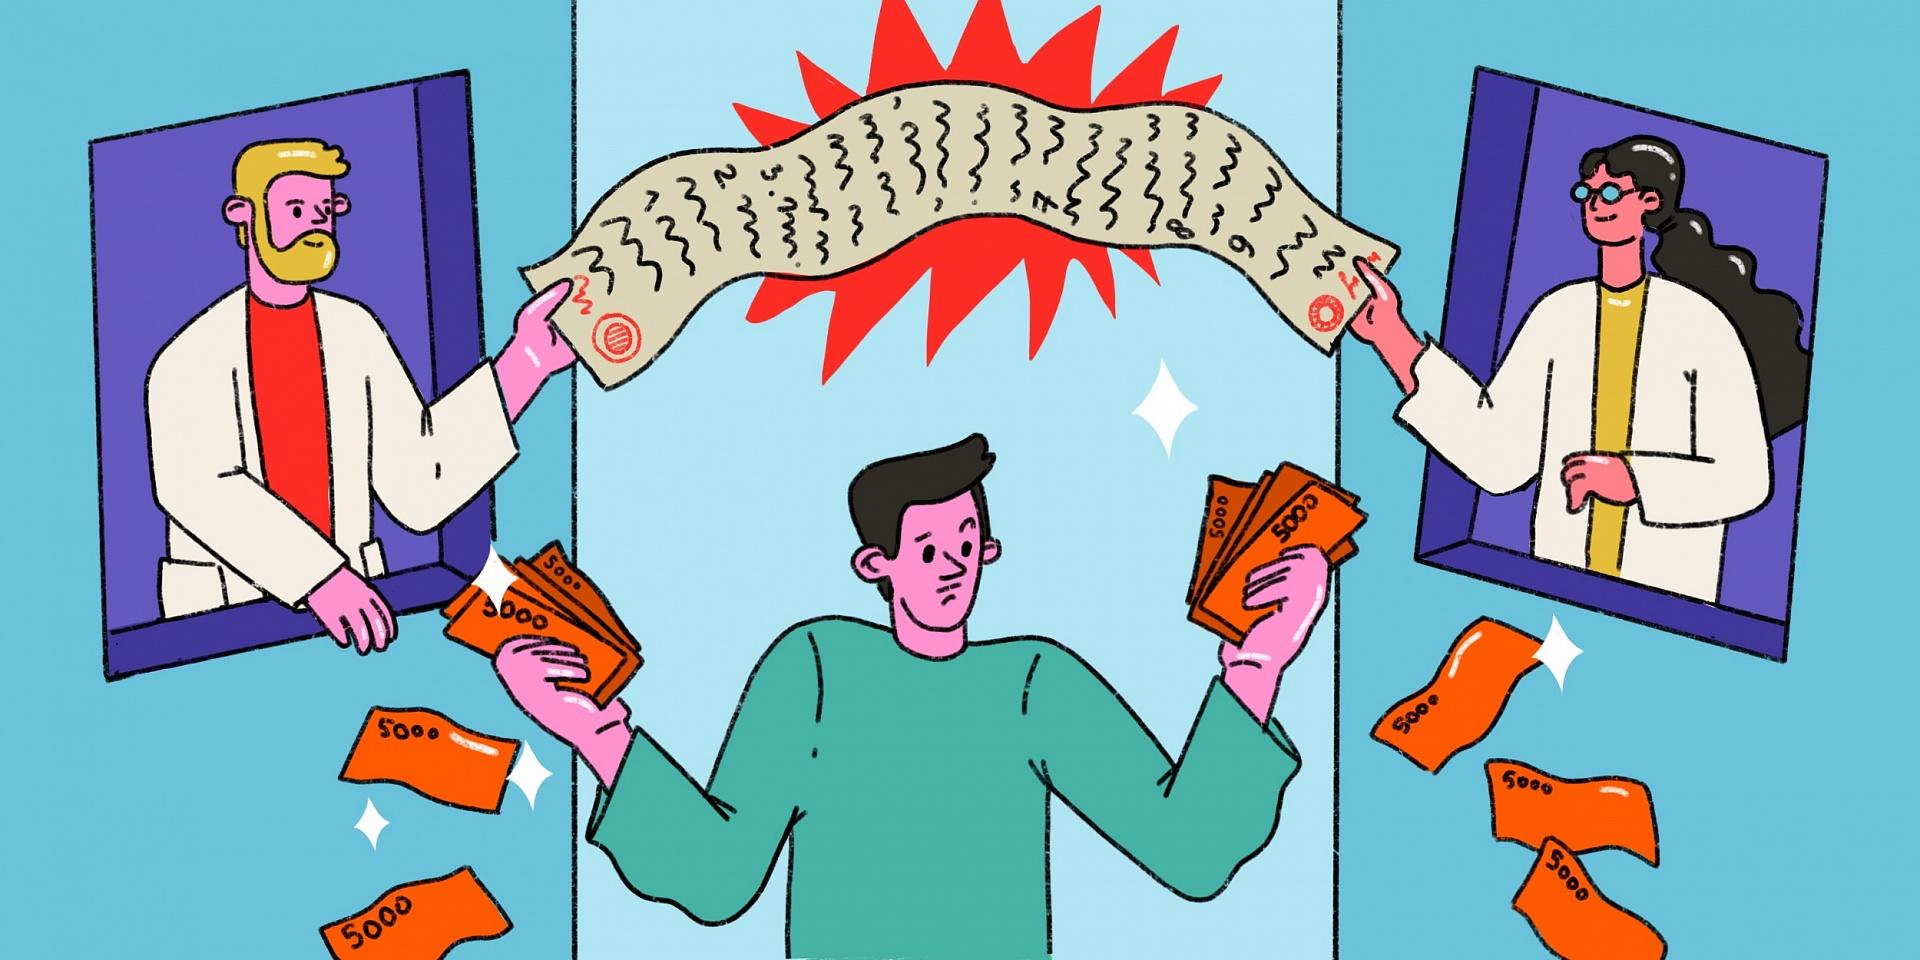 6мифов о платной медицине, из-за которых вы теряете деньги